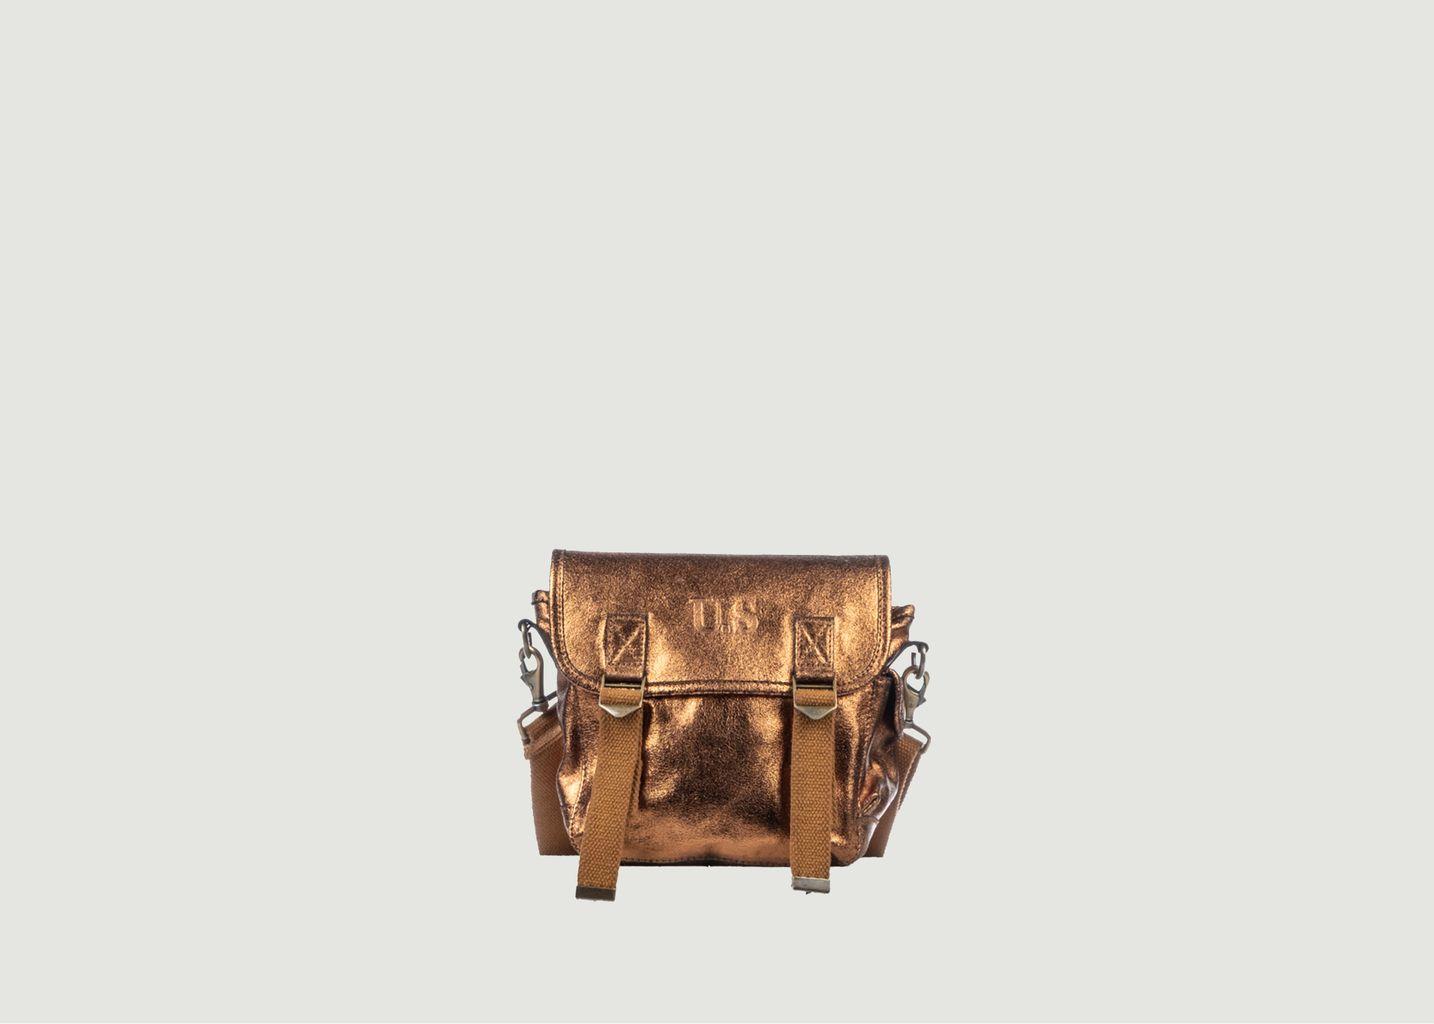 Petit sac cuir métallisé - SAC US